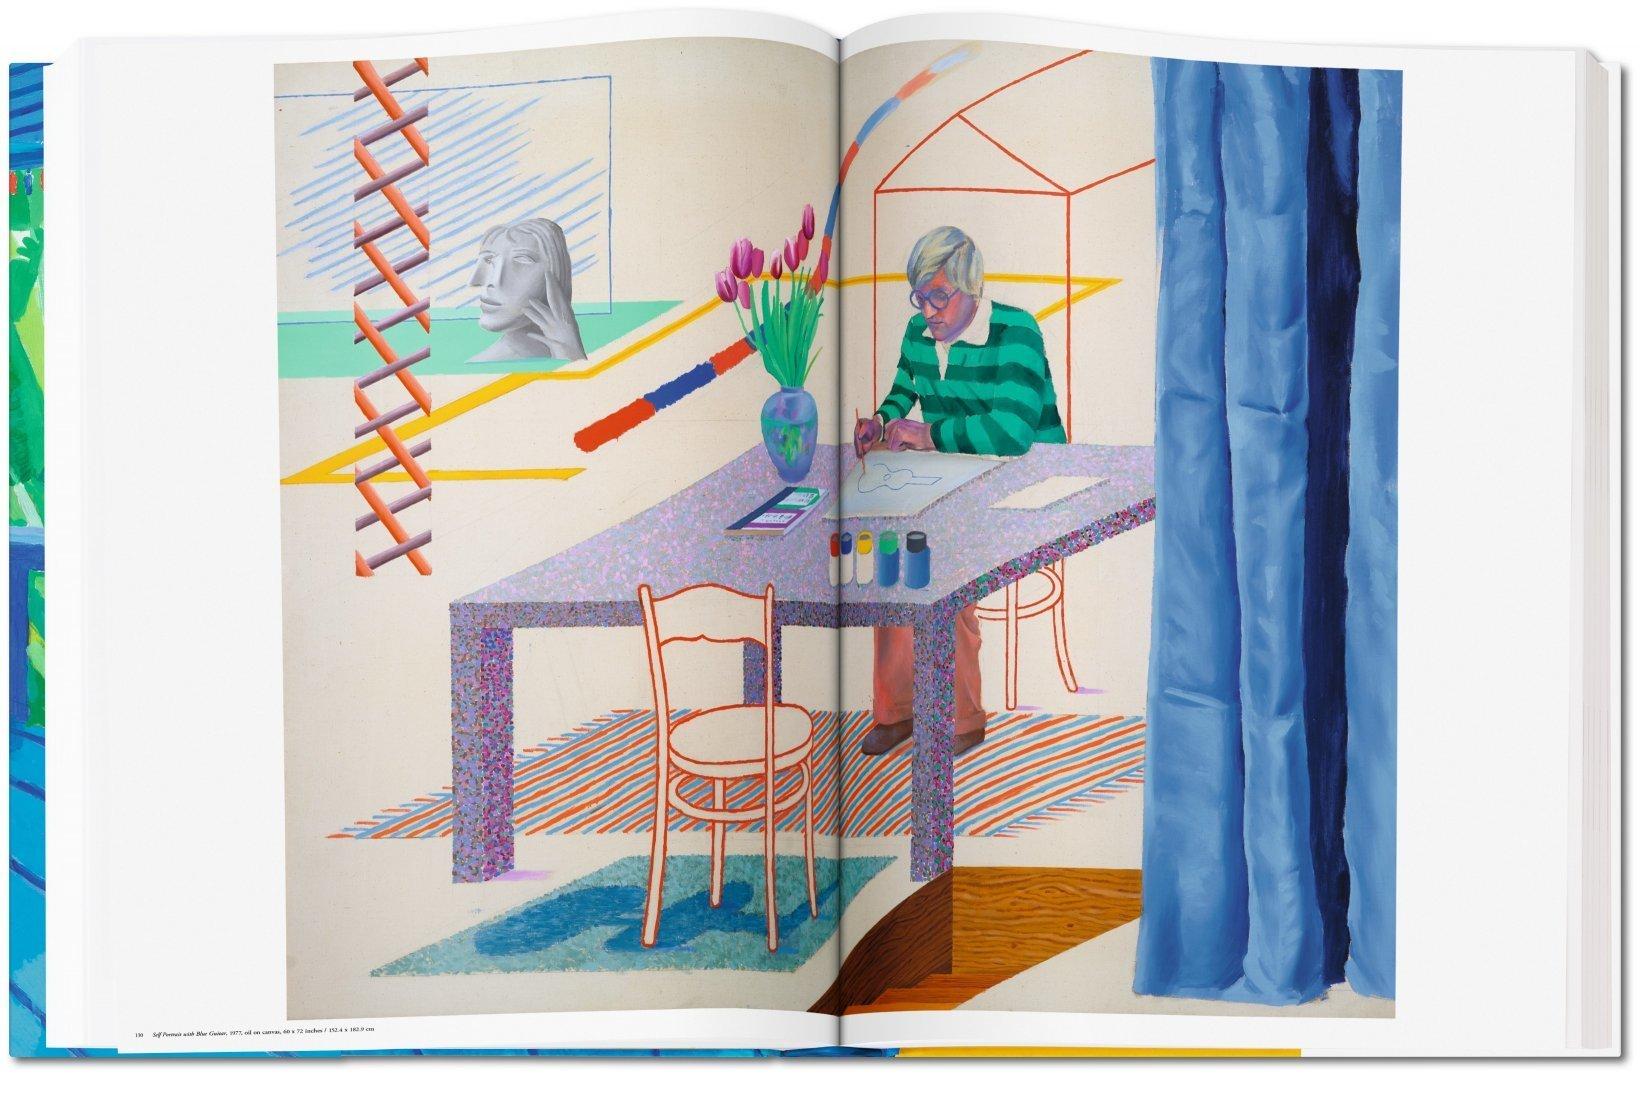 """Auf dem Foto ist das Gemälde """"Self-Portrait with Blue Guitar, 1977"""" aus dem Buch: David Hockney - A Bigger Book, das im TASCHEN Verlag erschienen ist."""